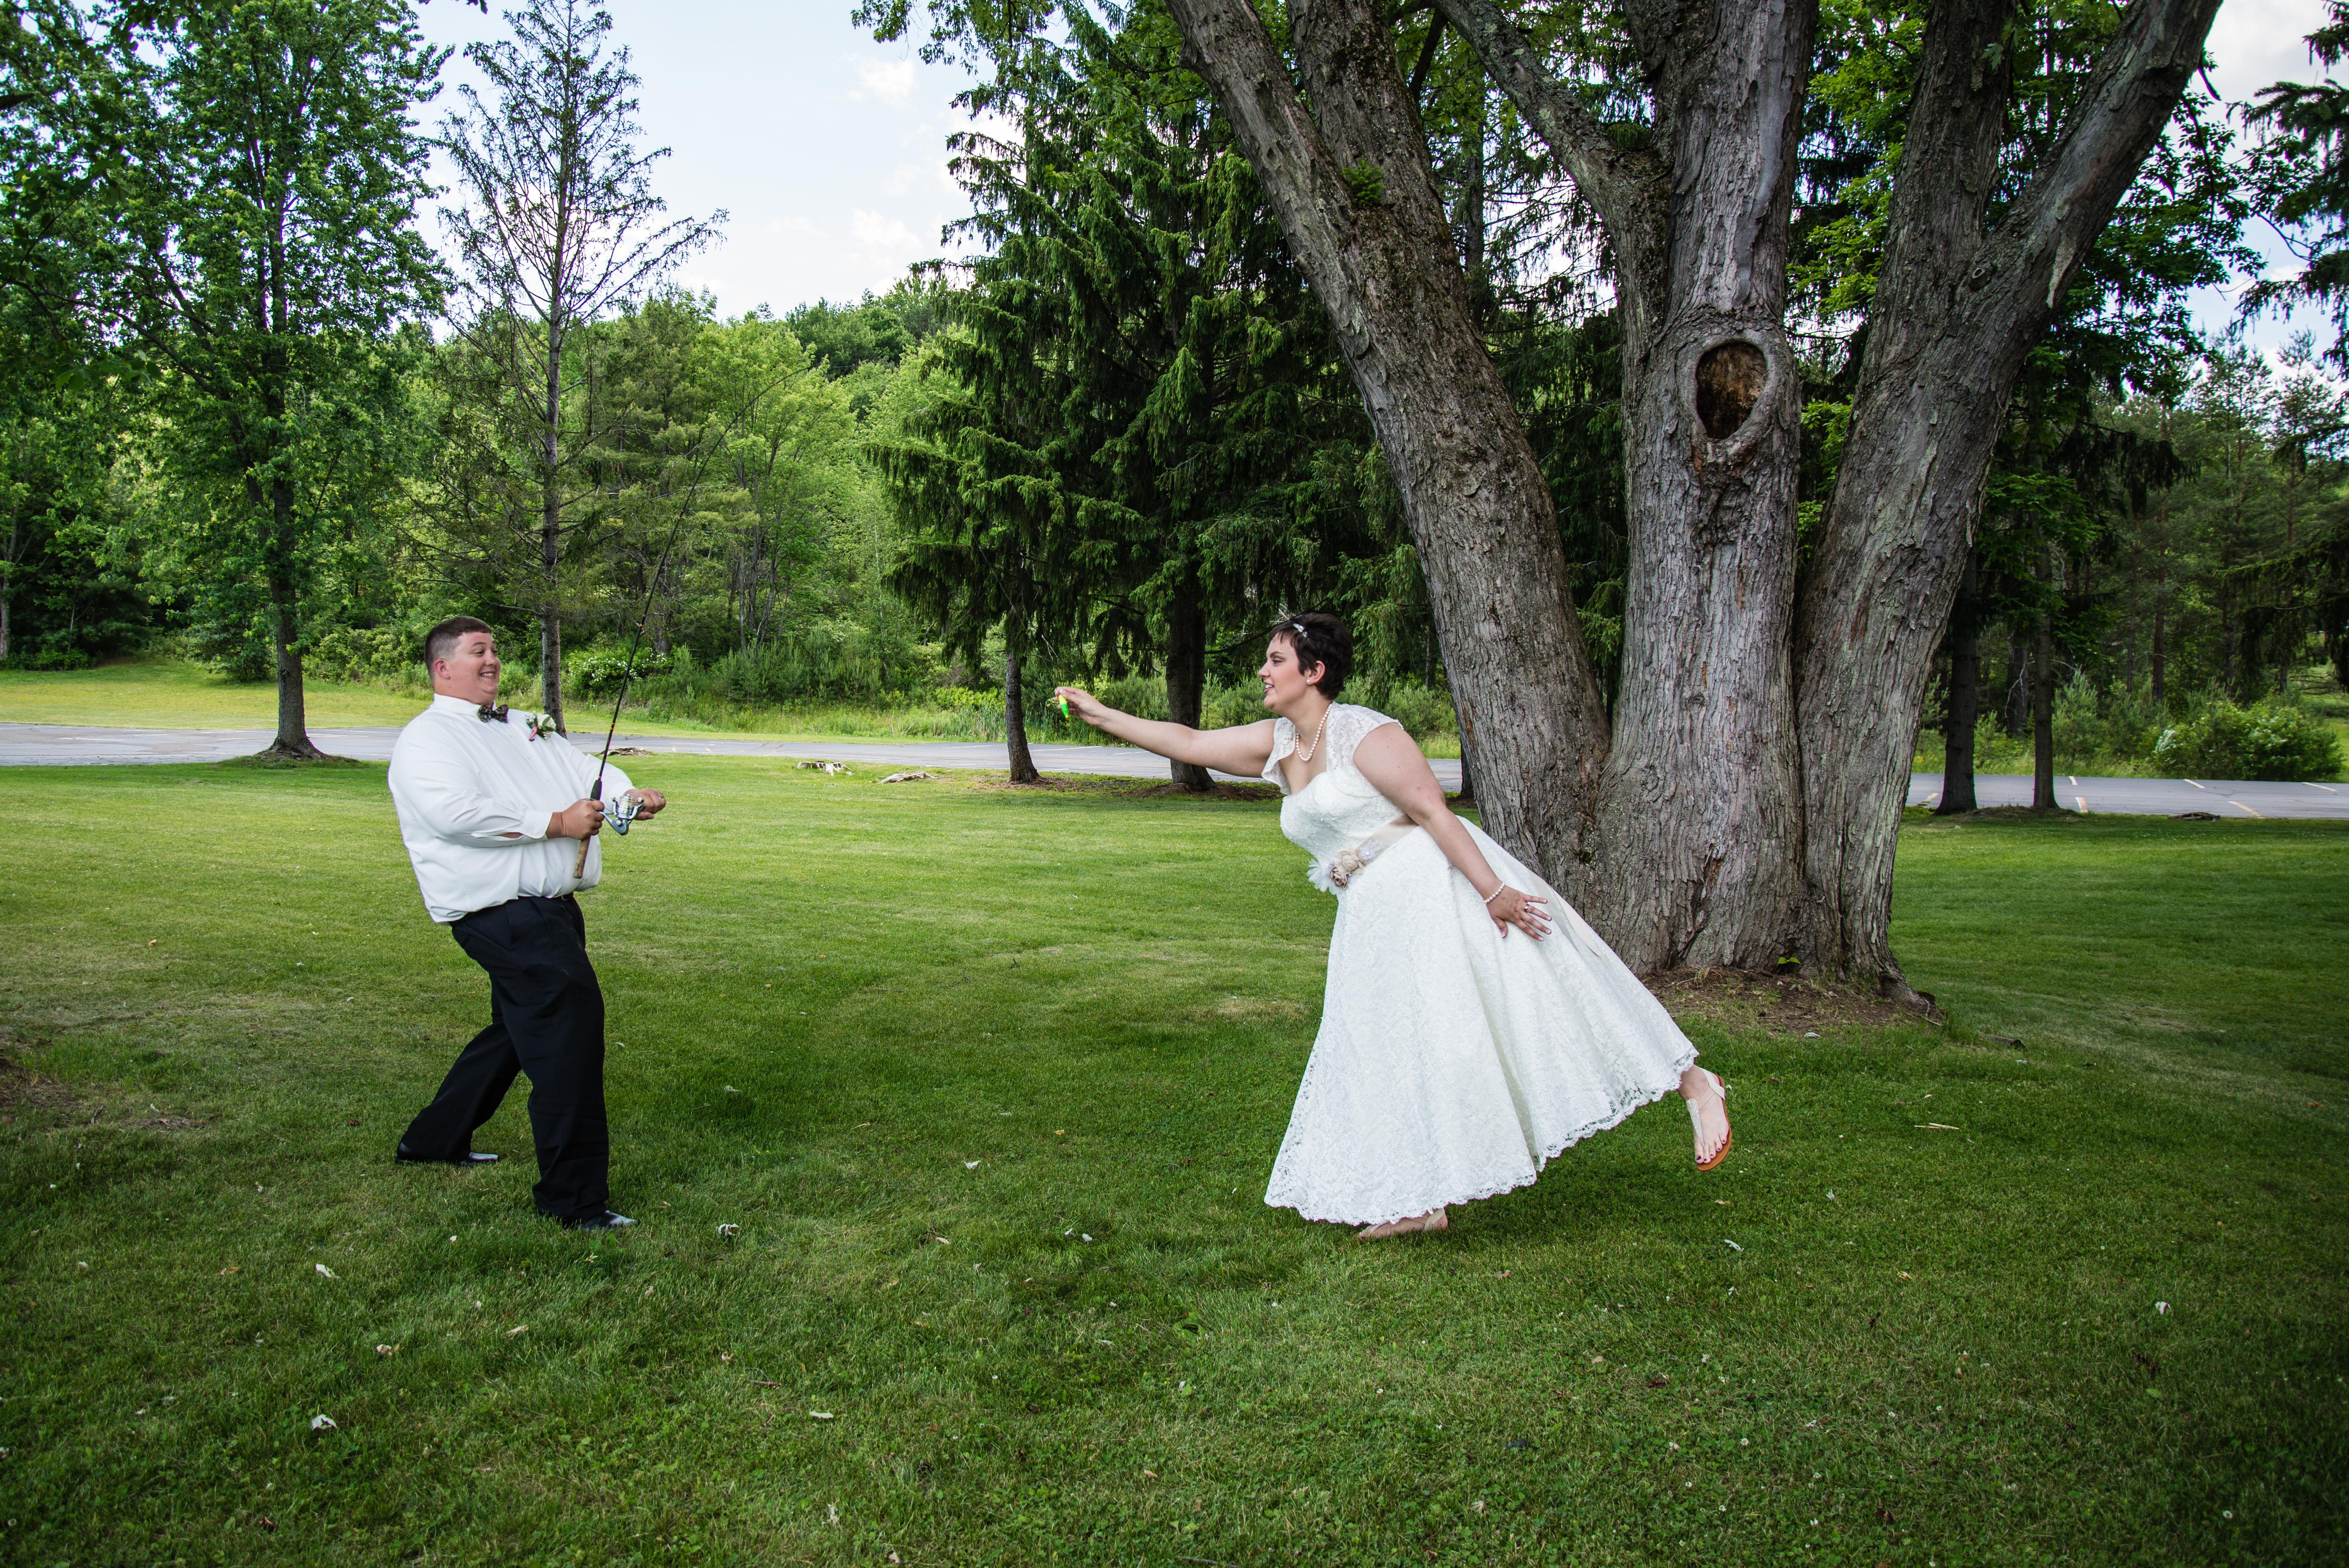 DeweyPhotography_Weddings_Binghamton_NY-41